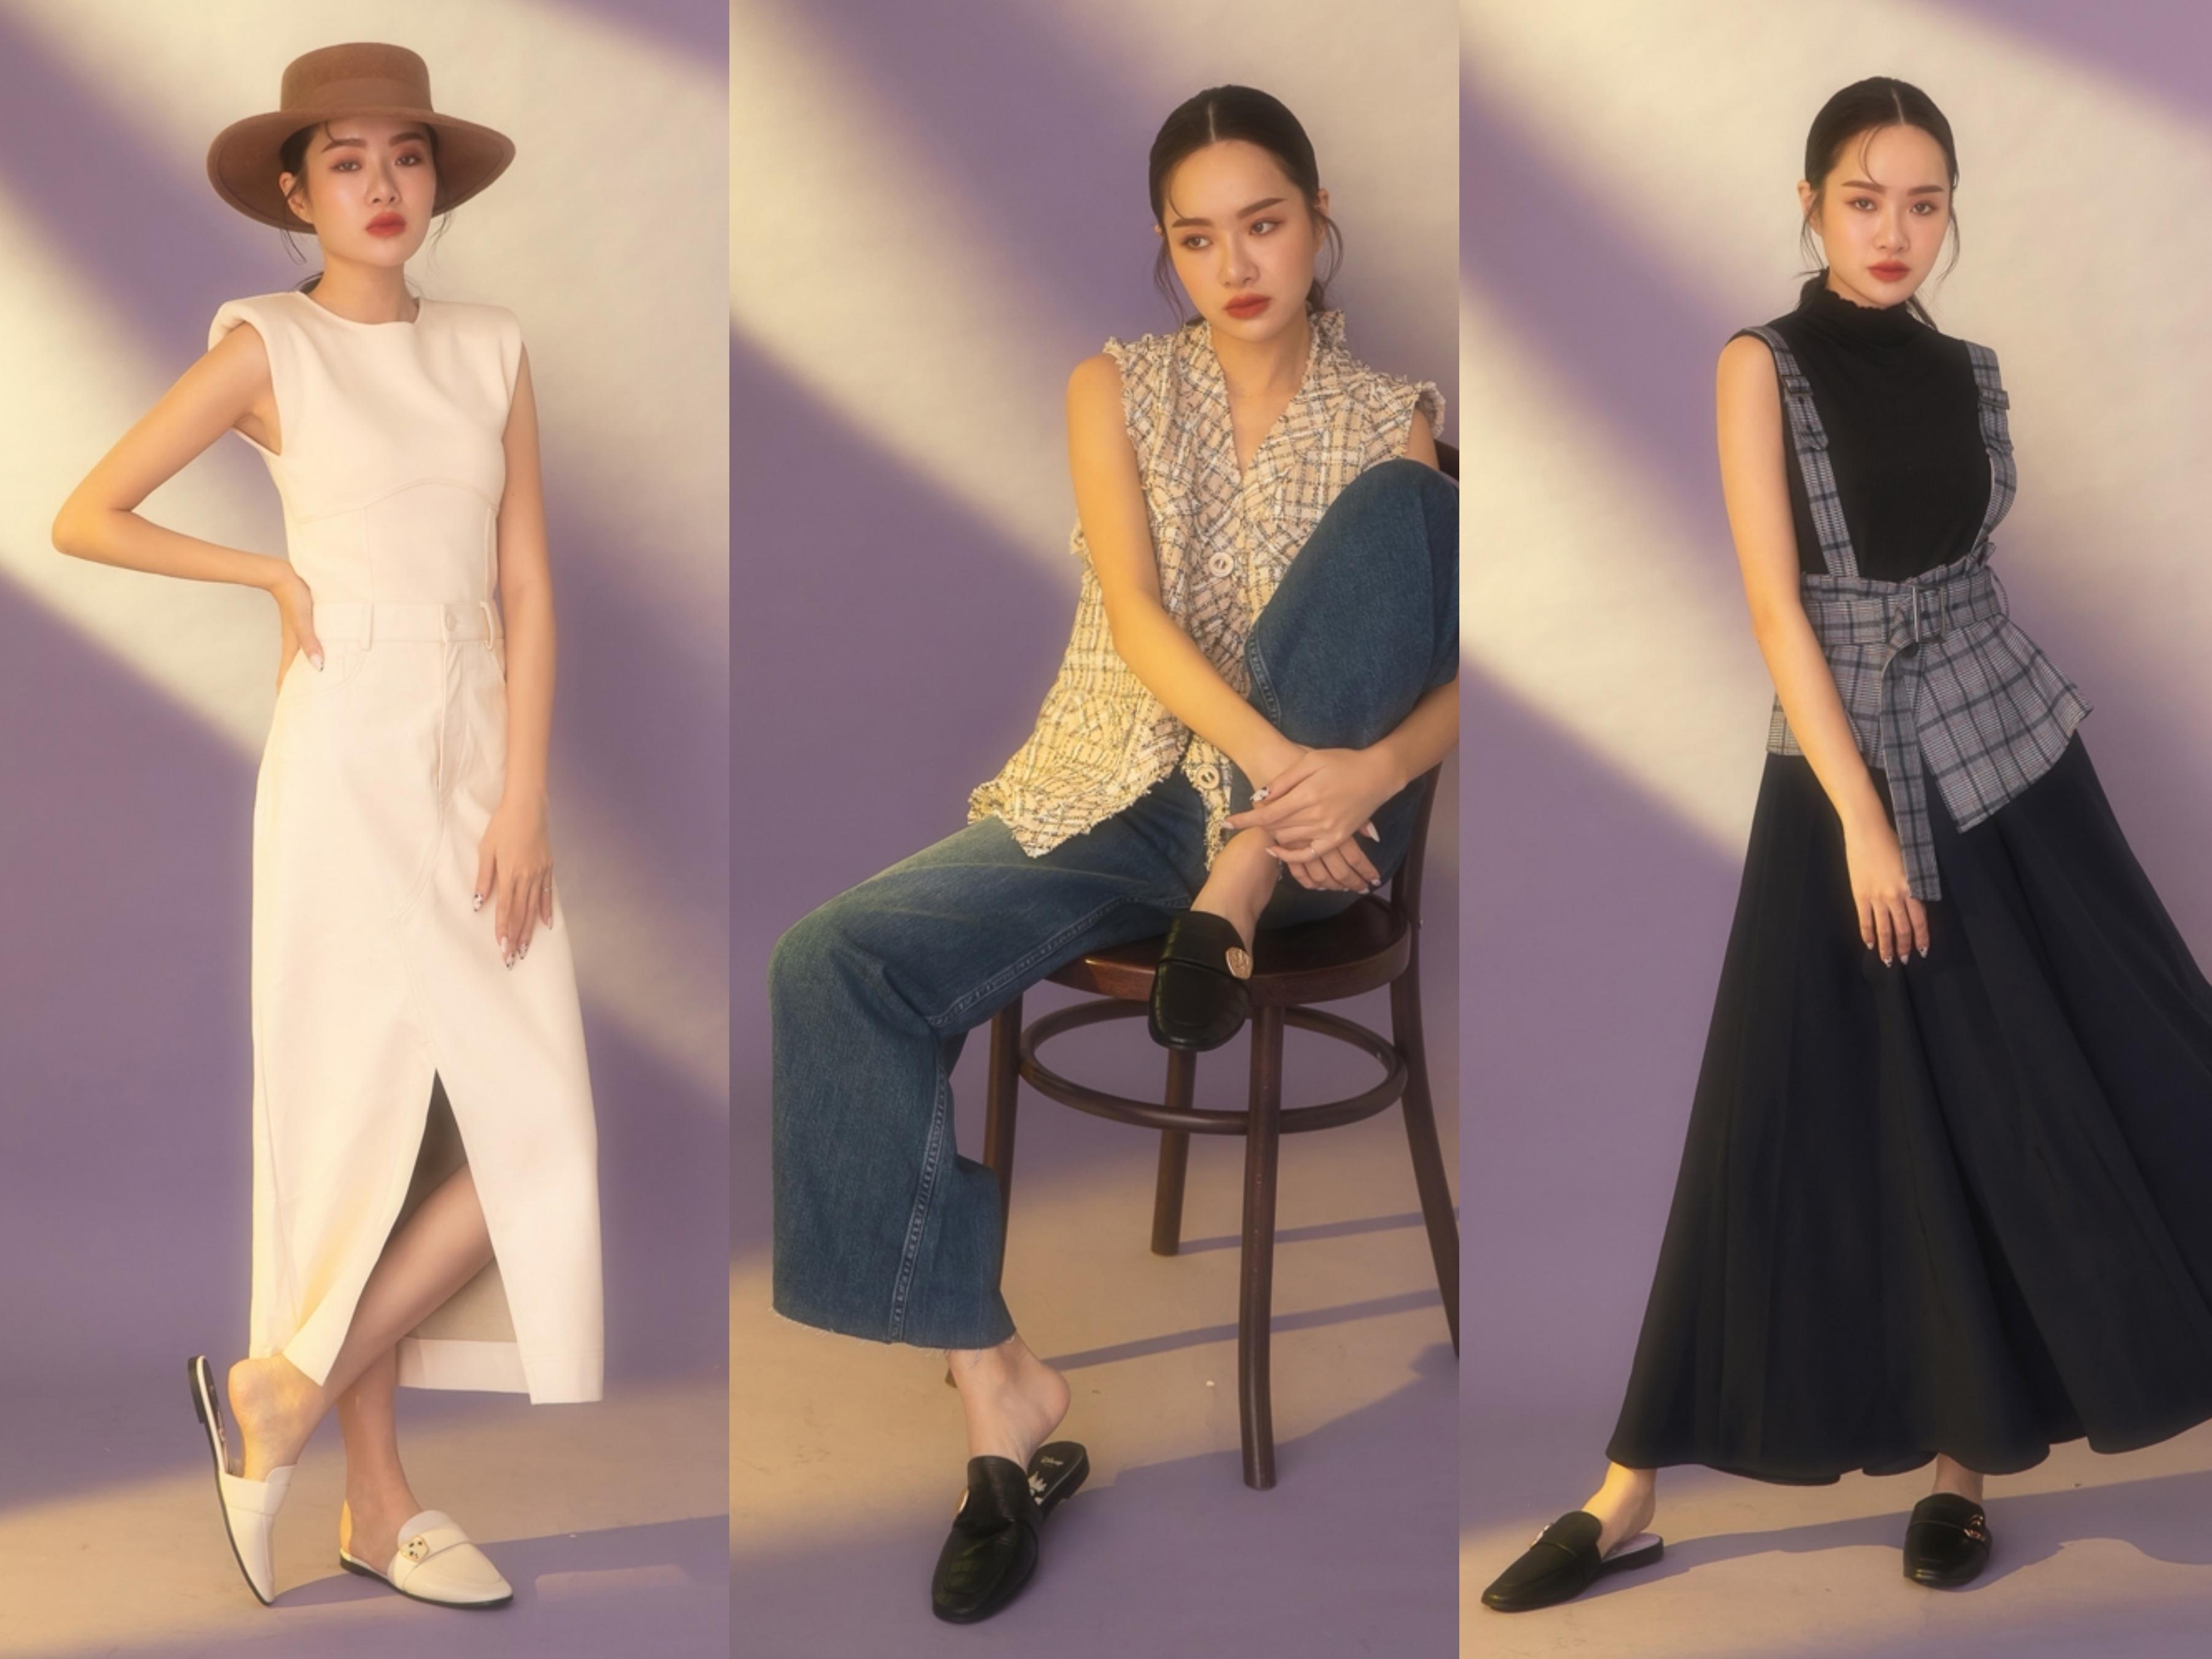 歐美時尚雜誌百搭穆勒鞋鞋款,精緻角色專屬五金飾釦質感加倍